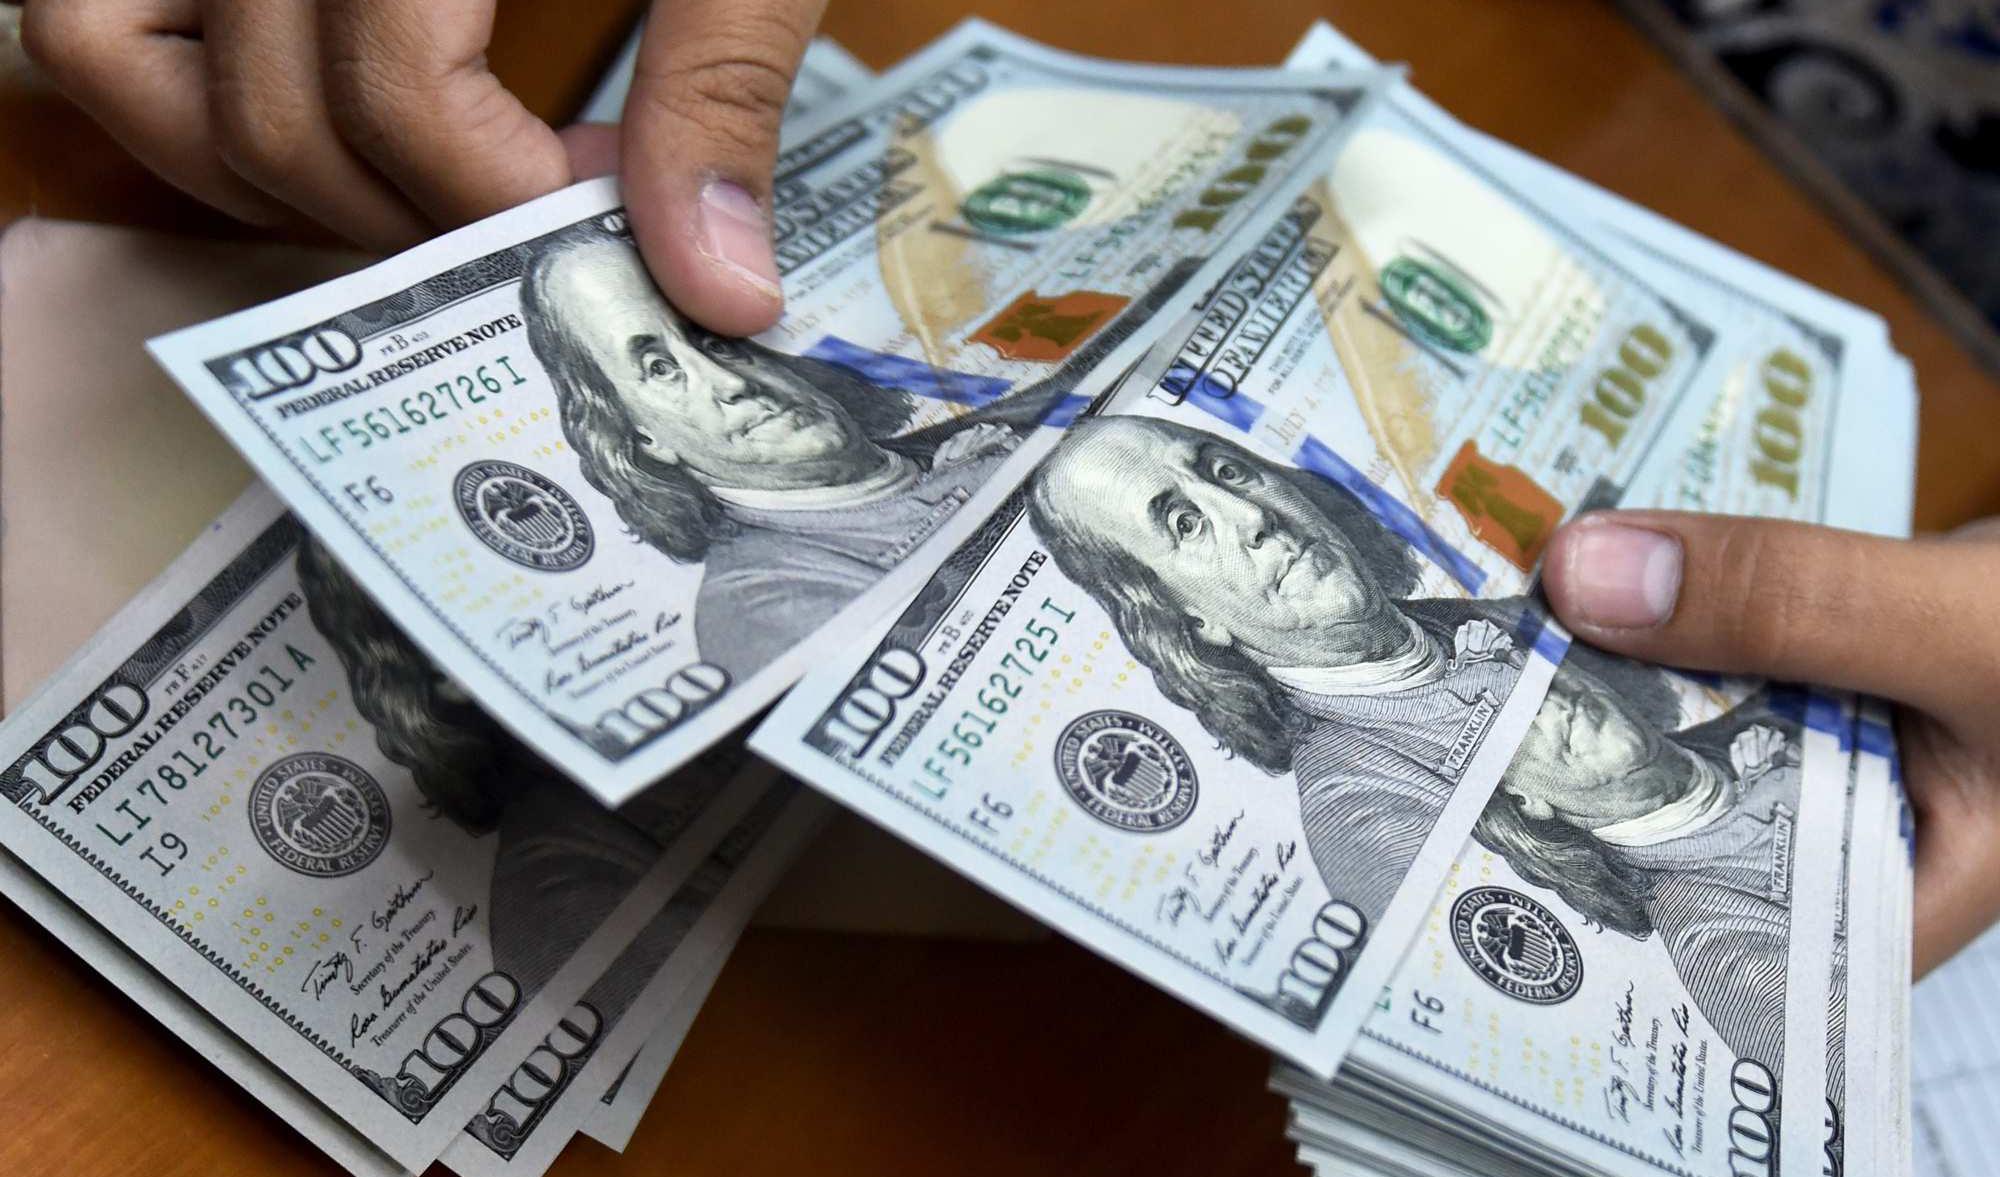 سه عامل کاهش نرخ دلار در روزهای اخیر/ احتمال افزایش ۲۵ درصدی نرخ در سال آینده